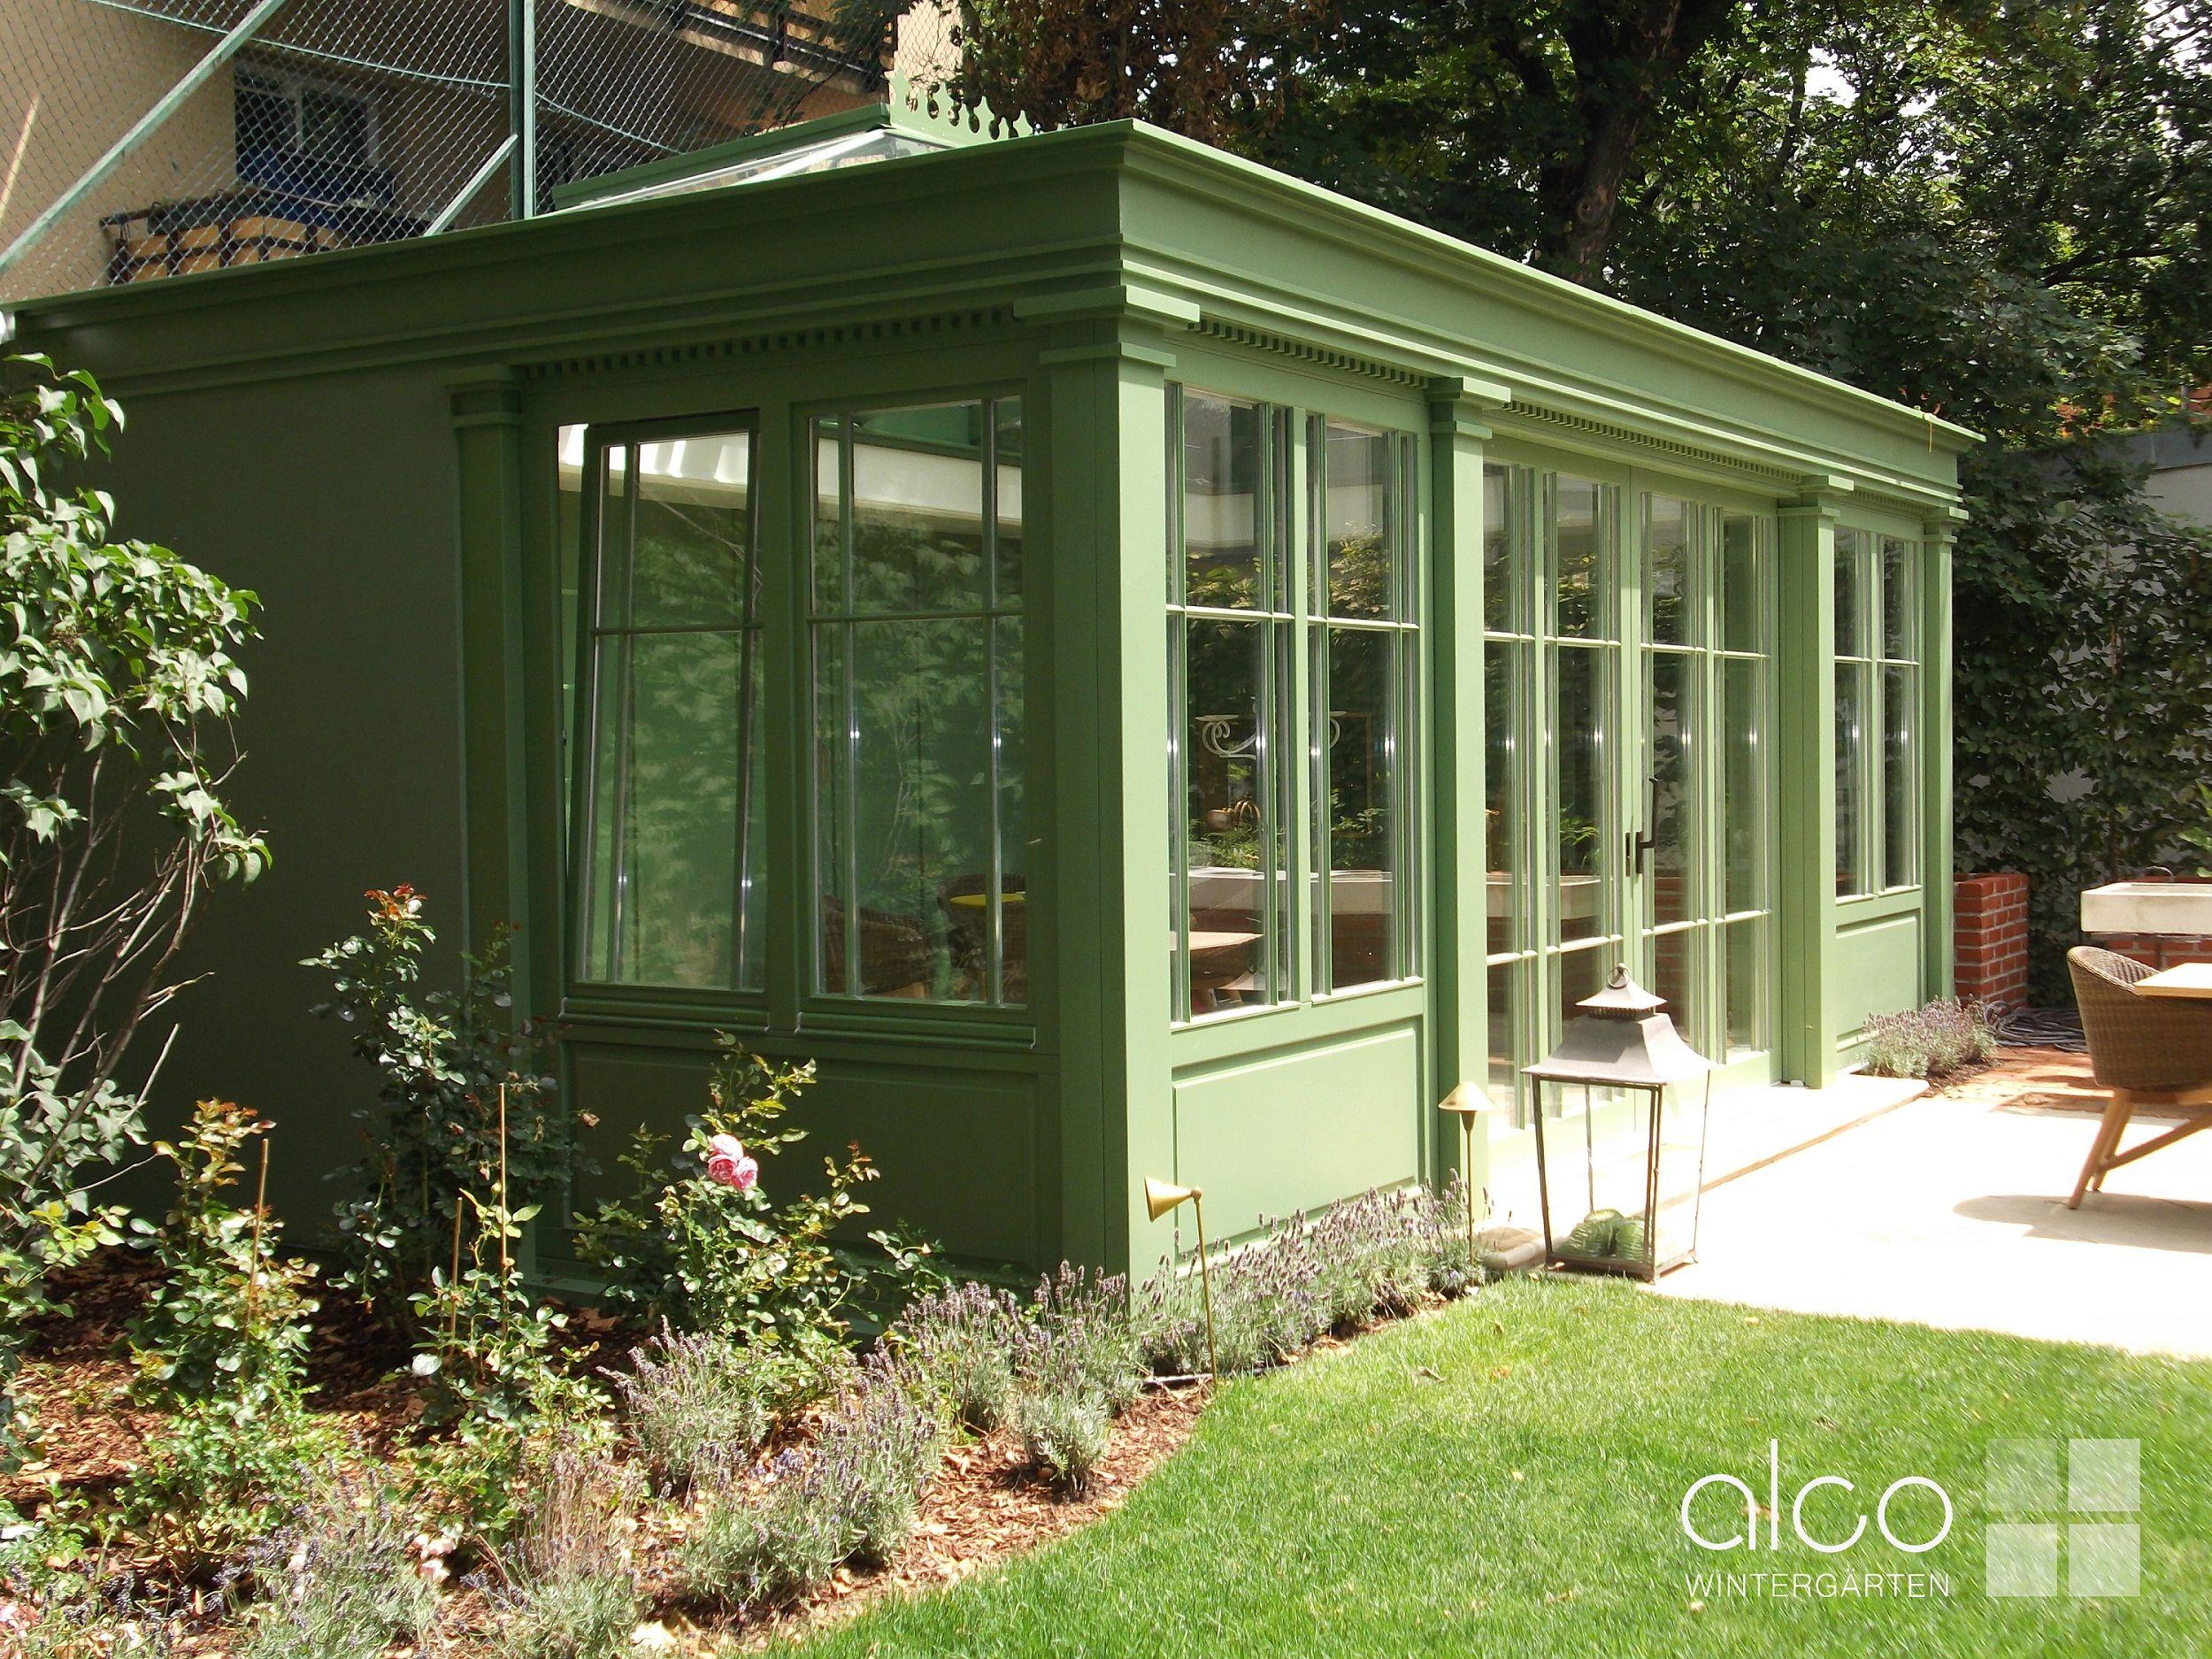 Gartenpavillon Im Viktorianischen Stil Von Alco Wintergarten 家